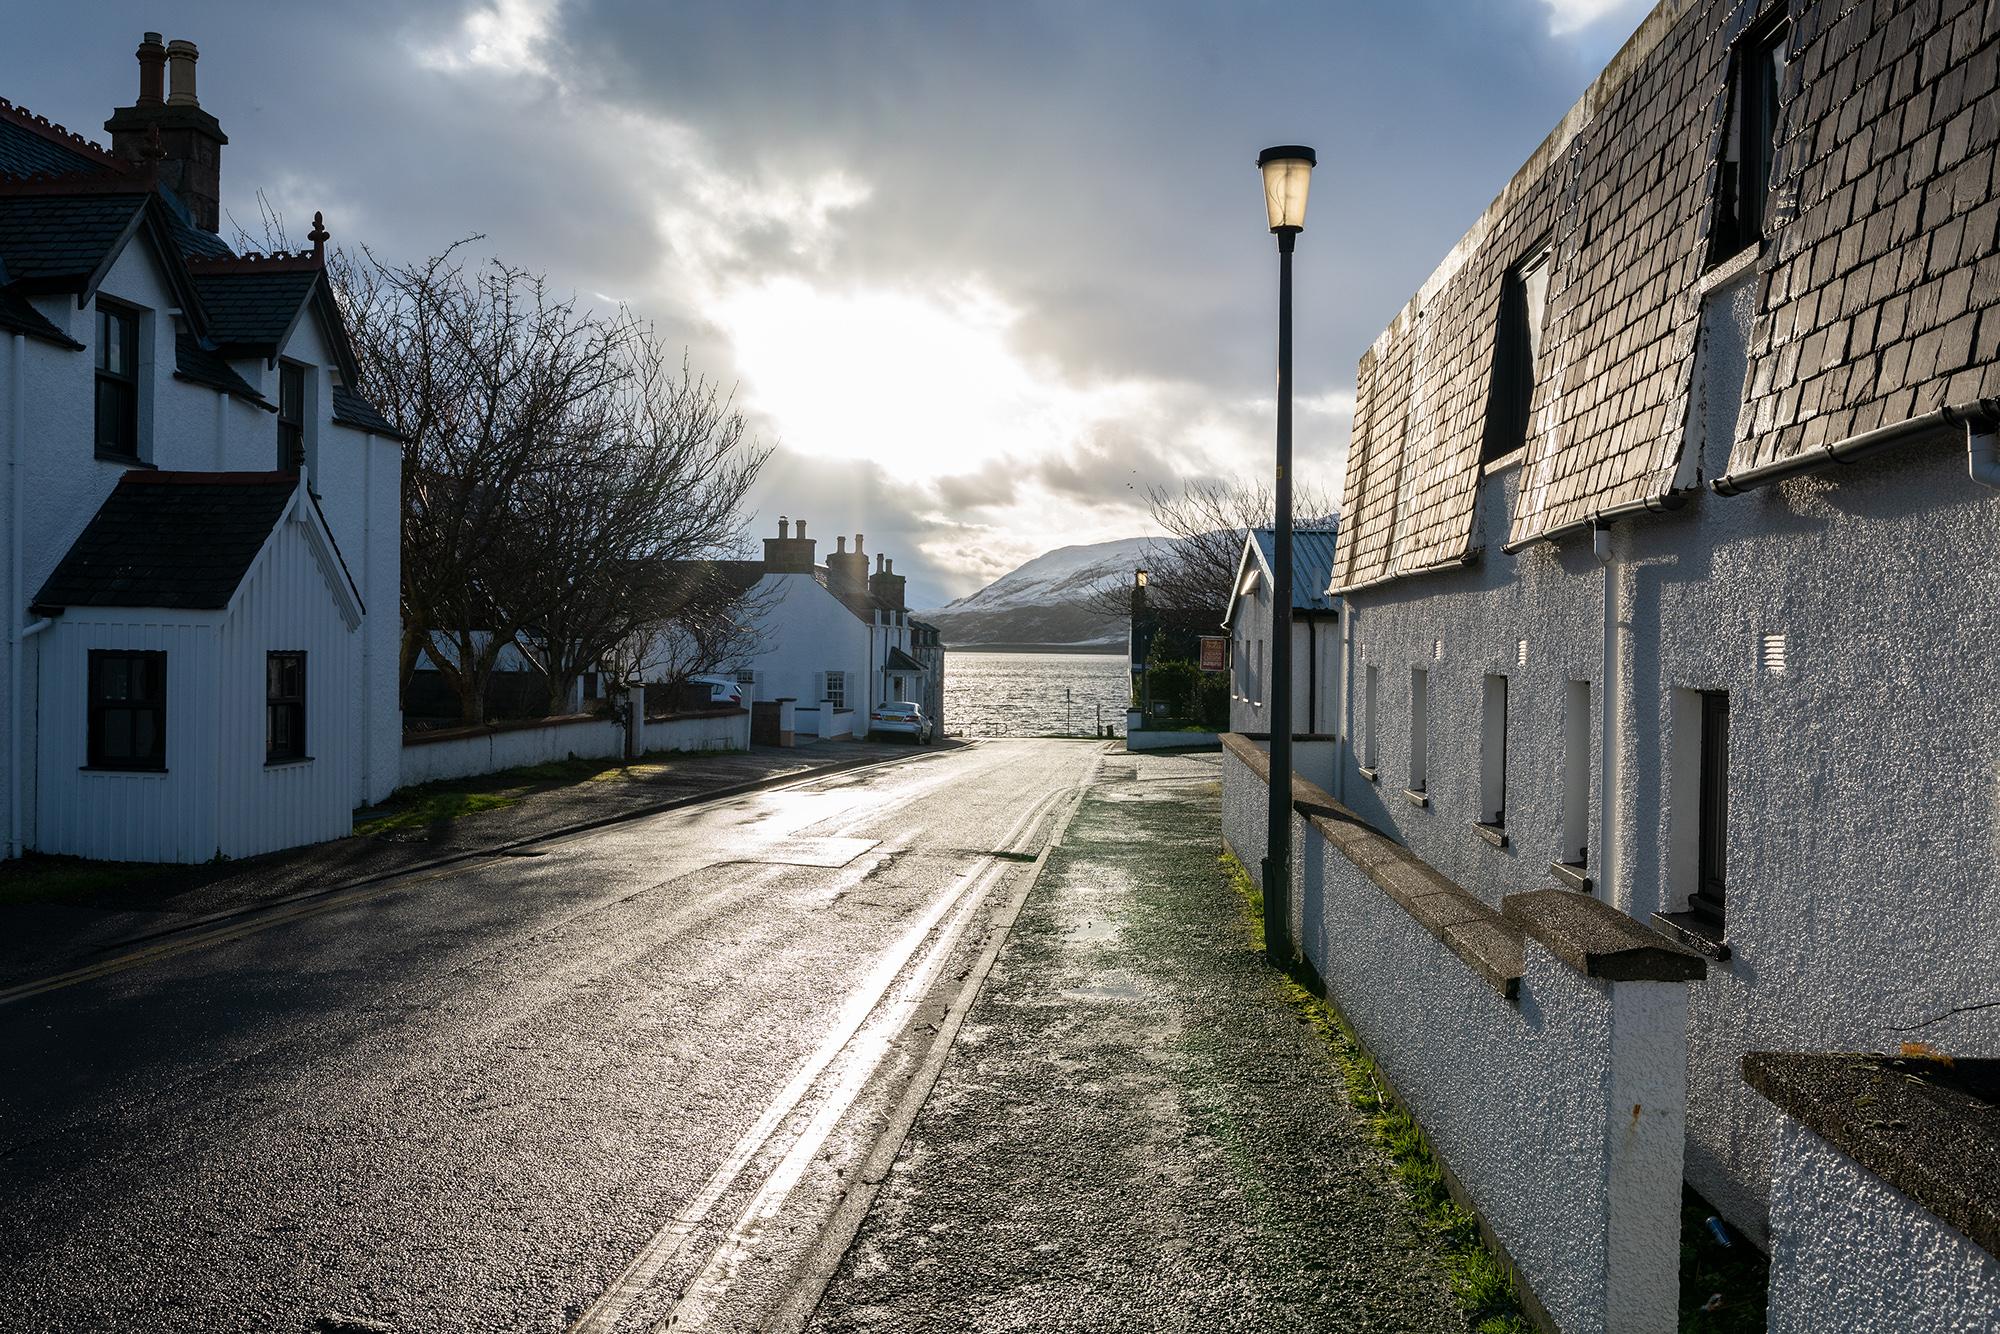 2 Reisepartner für ein 10-tägiges Abenteuer in den schottischen Highlands